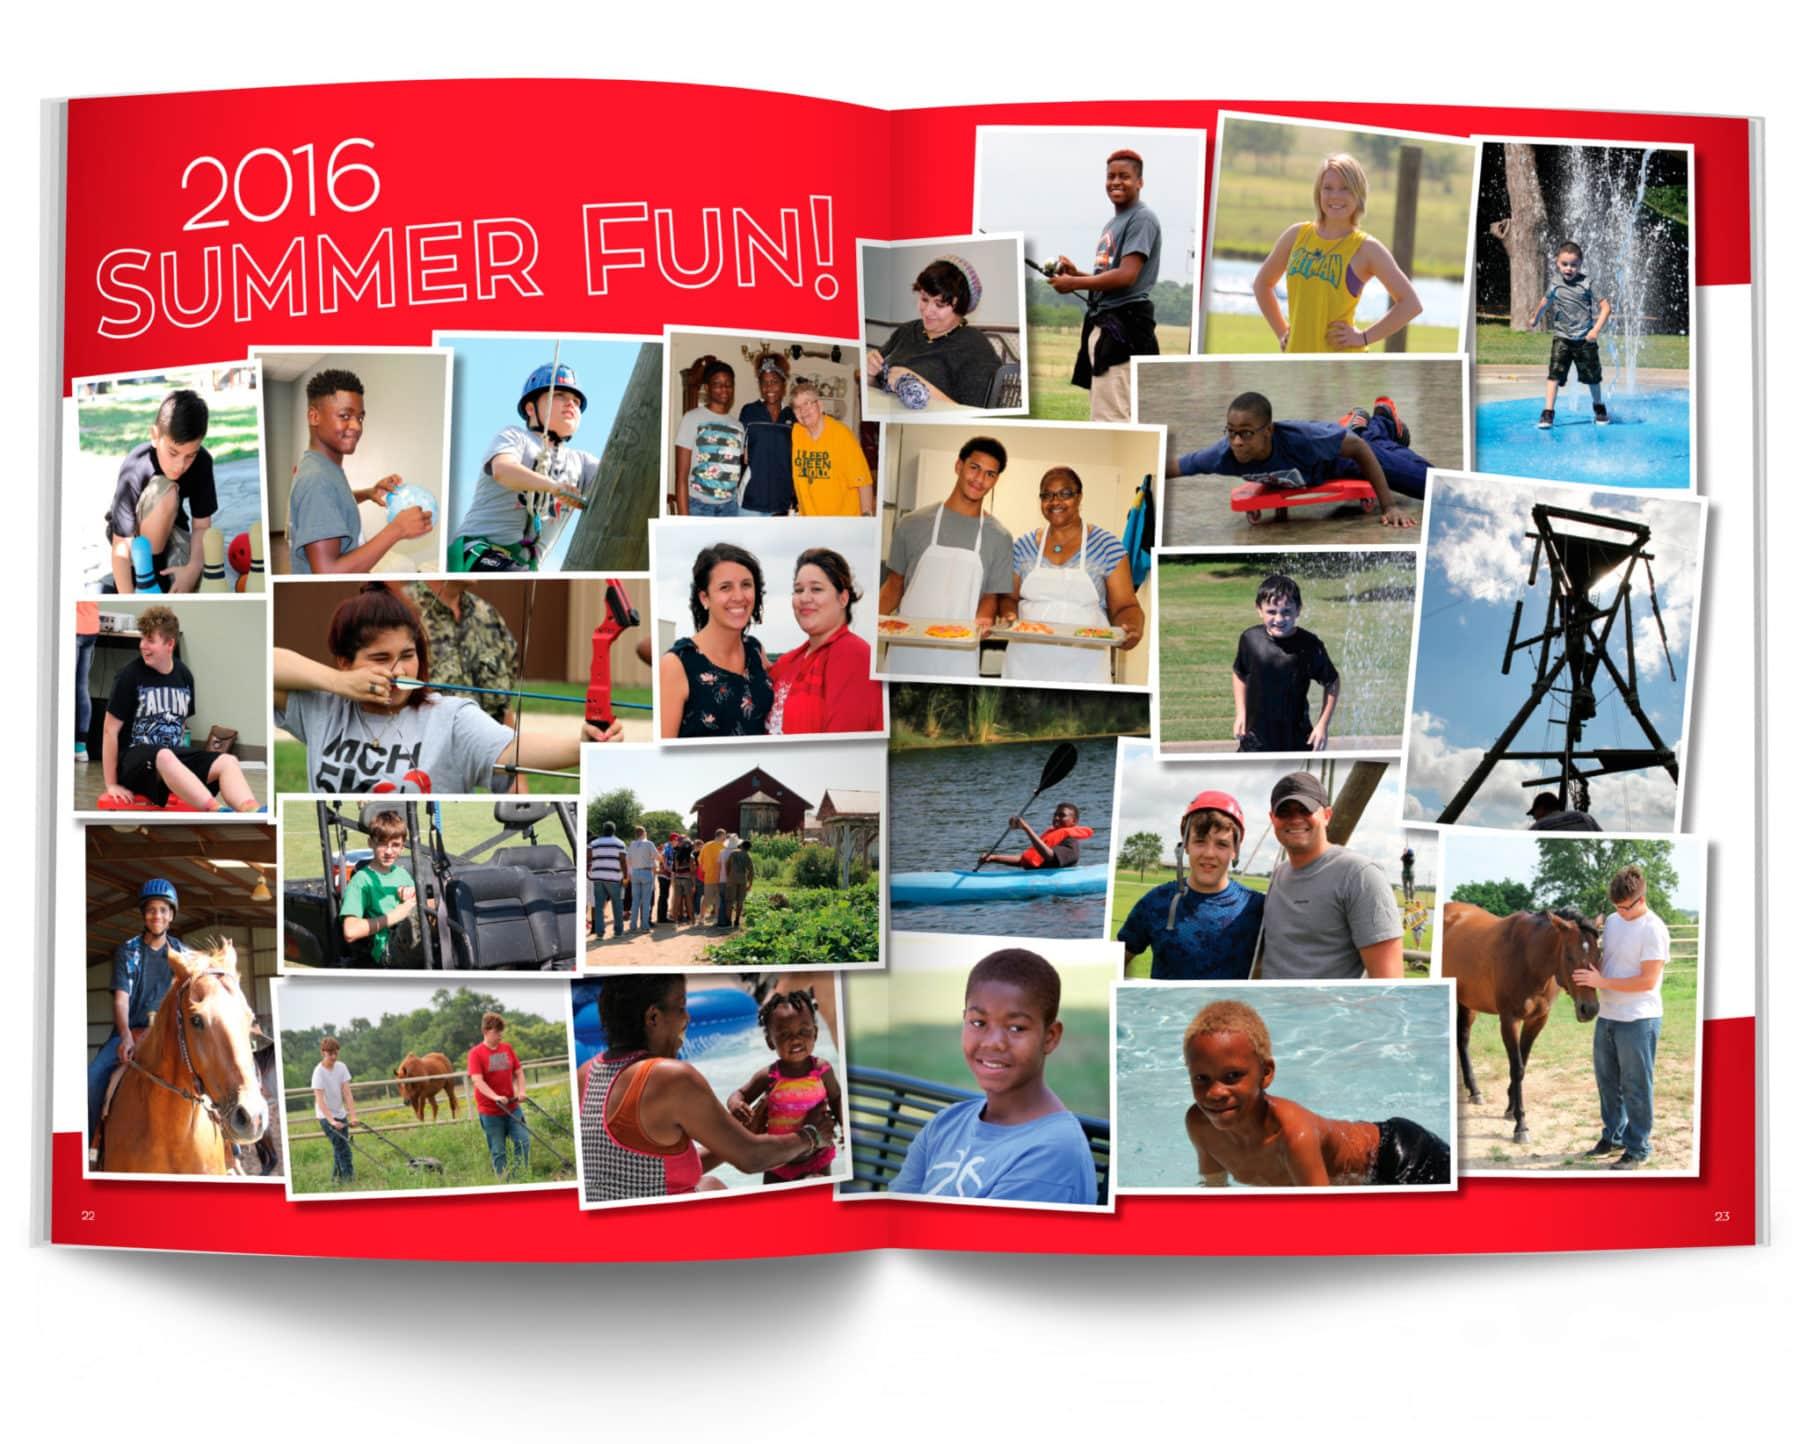 MCH Summer Fun 2016 Magazine Spread